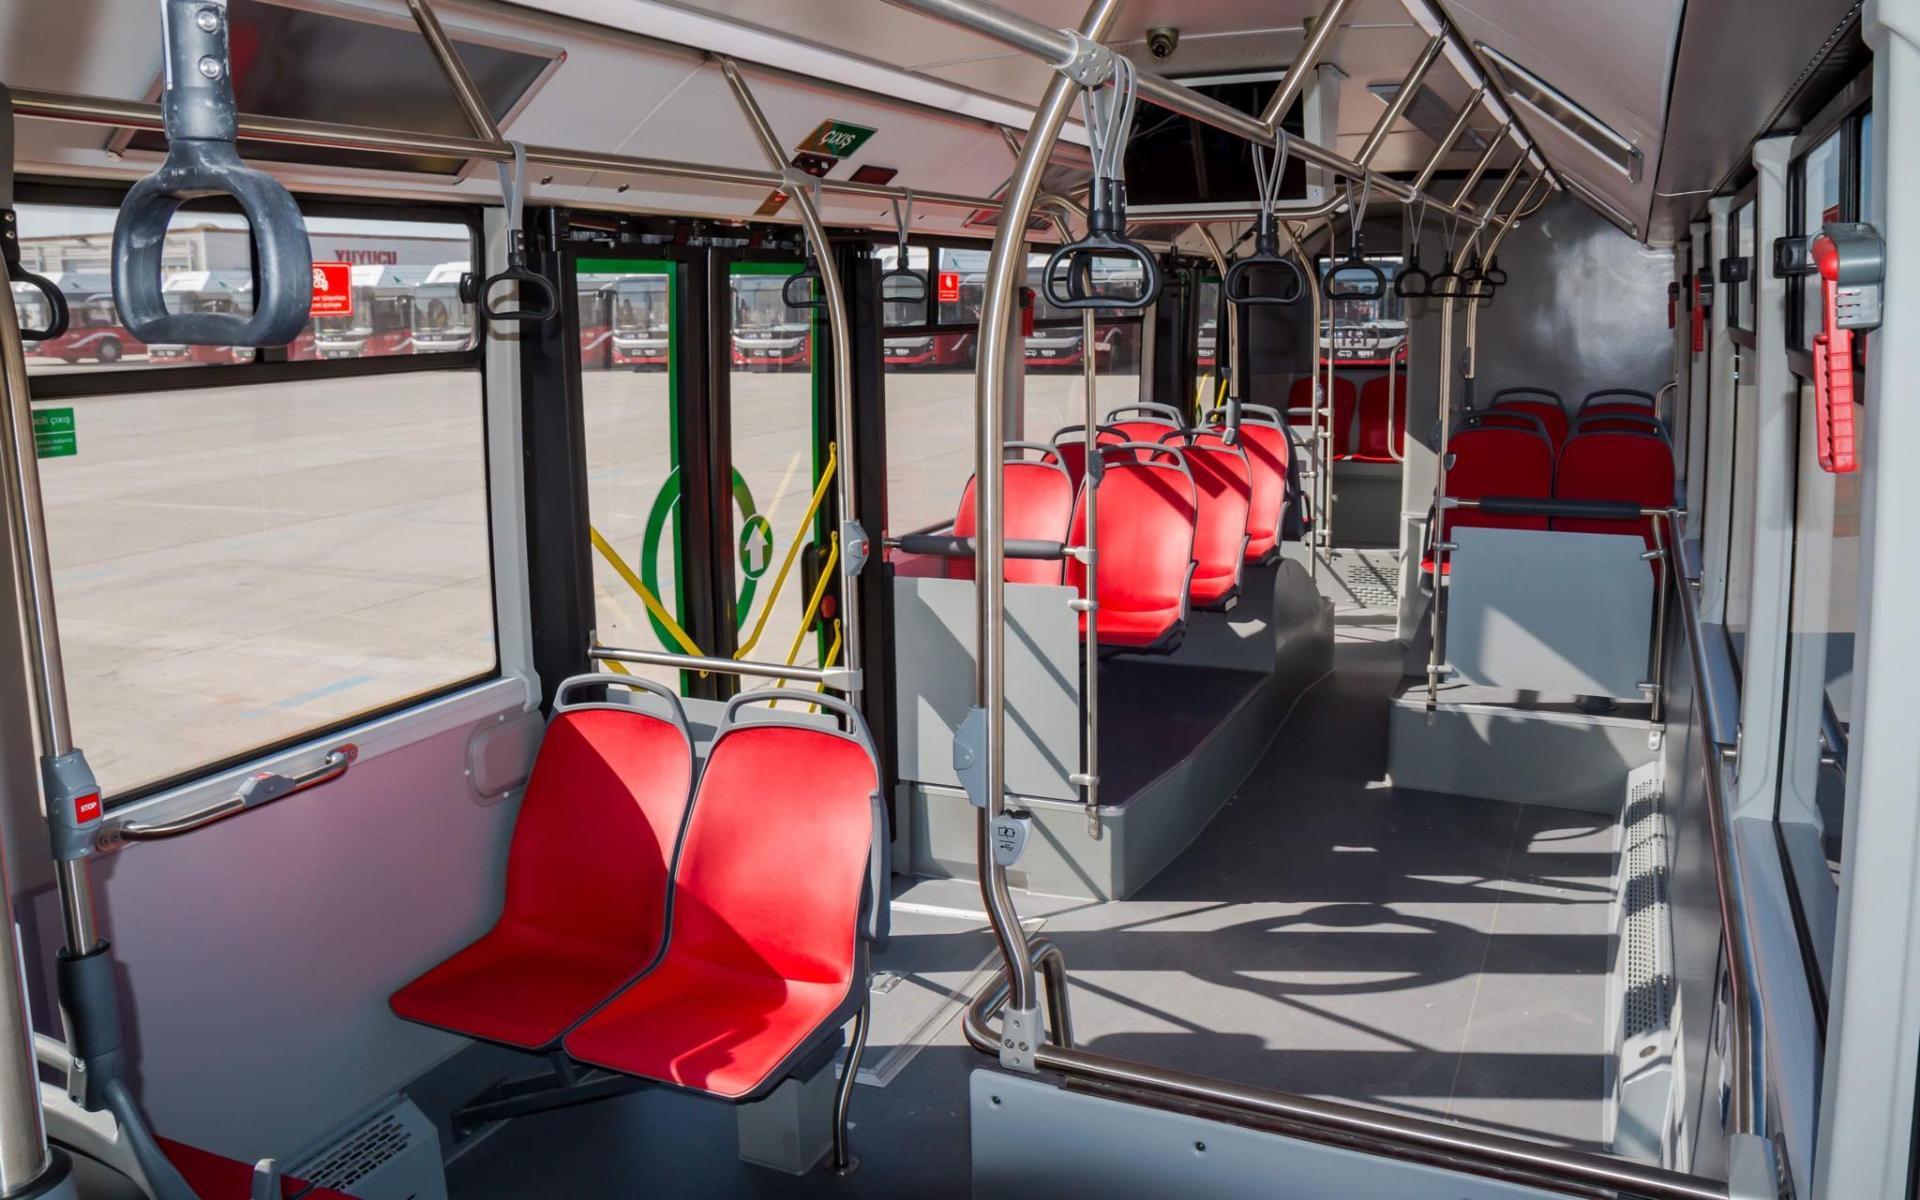 Bakıya gətirilən yeni avtobuslar ilin sonuna qədər istifadəyə veriləcək (ÖZƏL) (FOTO)